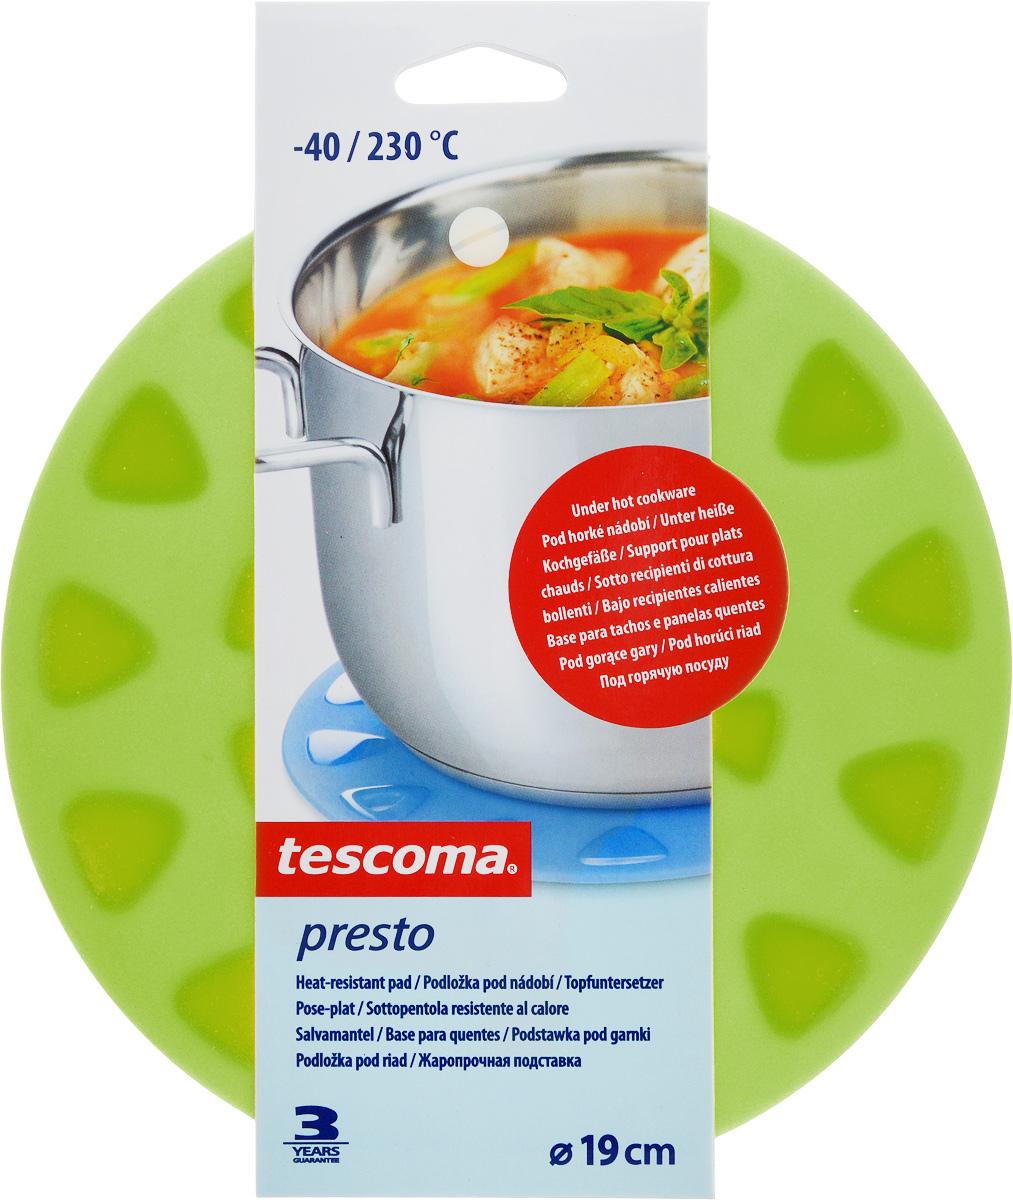 Подставка для горячего Tescoma Presto, цвет: зеленый, диаметр 19см420938_зеленыйЖаропрочная подставка Tescoma Presto прекрасно подходит в качестве подставки под горячую посуду. Подставка изготовлена из силикона. Для удобства размещения и экономии пространства в подставке есть отверстие, с помощью которого ее можно повесить в любом удобном для вас месте. Подставка выдерживает температуру от -40°С до +230°С.Можно использовать в холодильнике, морозильной камере, мыть в посудомоечной машине.Размеры: 19 х 19 х 3 см.